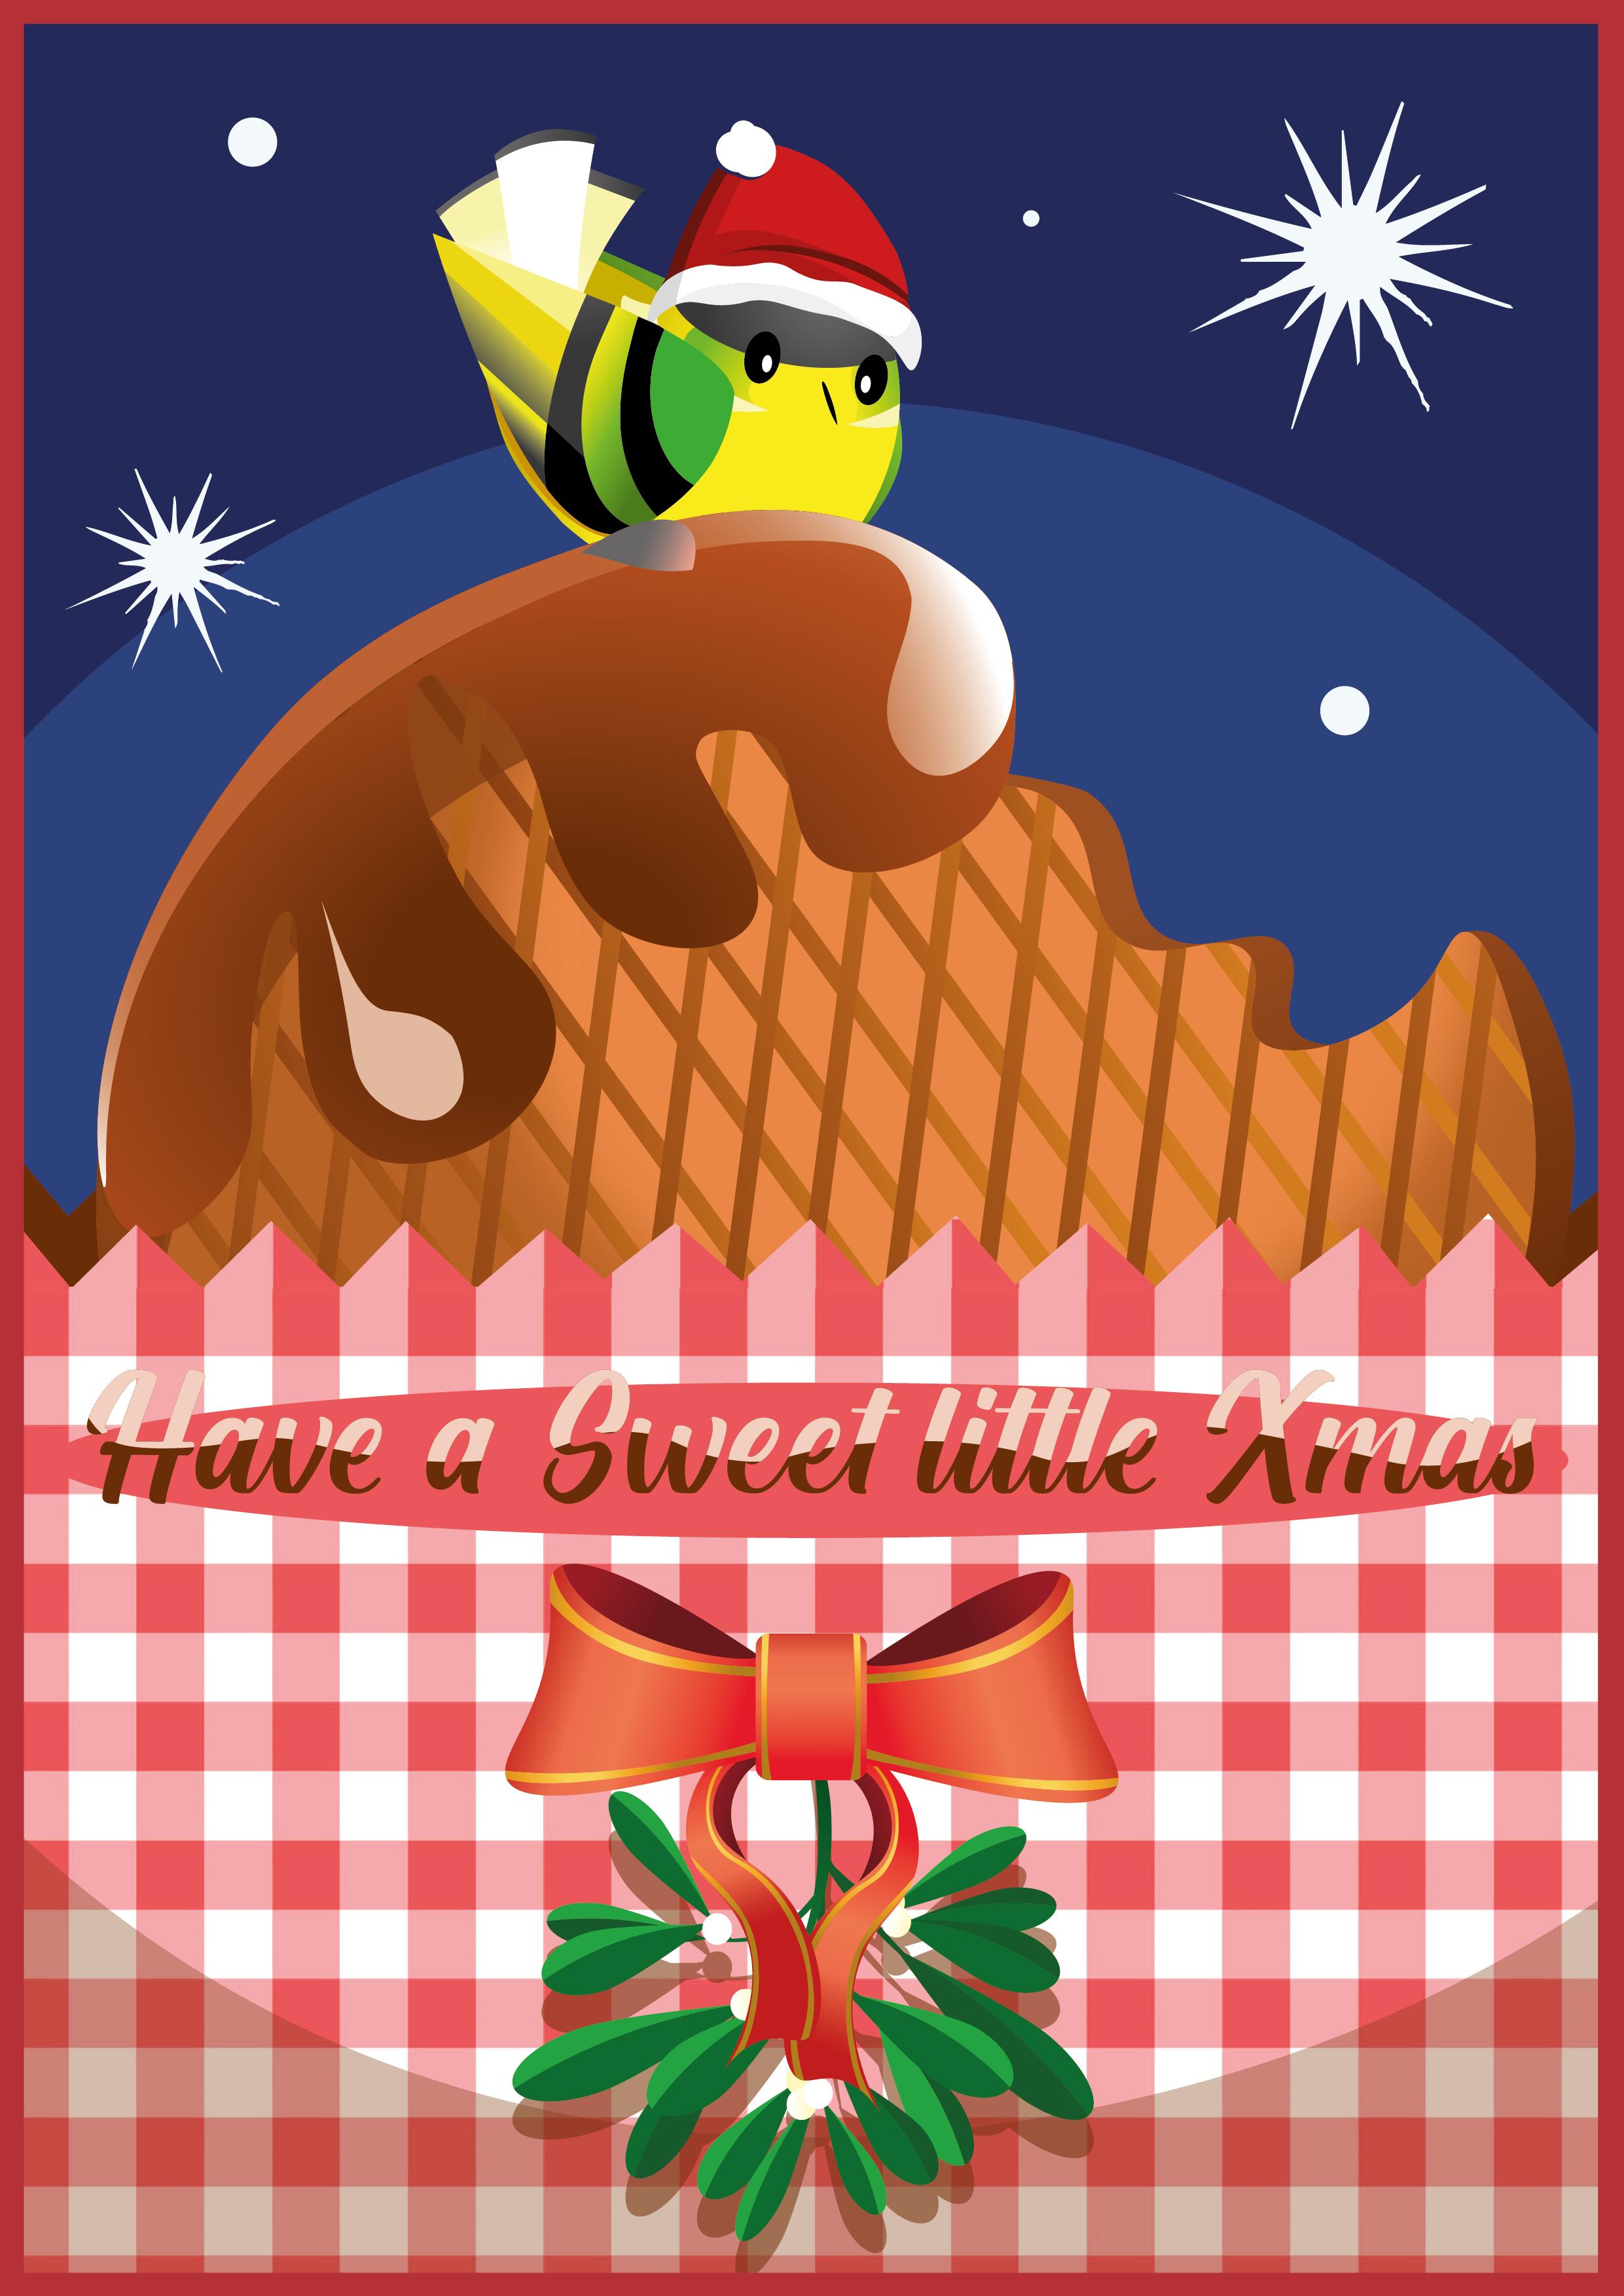 kerstkaarten, kerstkaart, kerstman, wenskaarten zelf maken, illustraties, mooie wenskaarten, kerstmis, kerst, christmascards, zelf ontwerpen The Artistry, 't stroopwafelhuisje, stroopwafelbreda